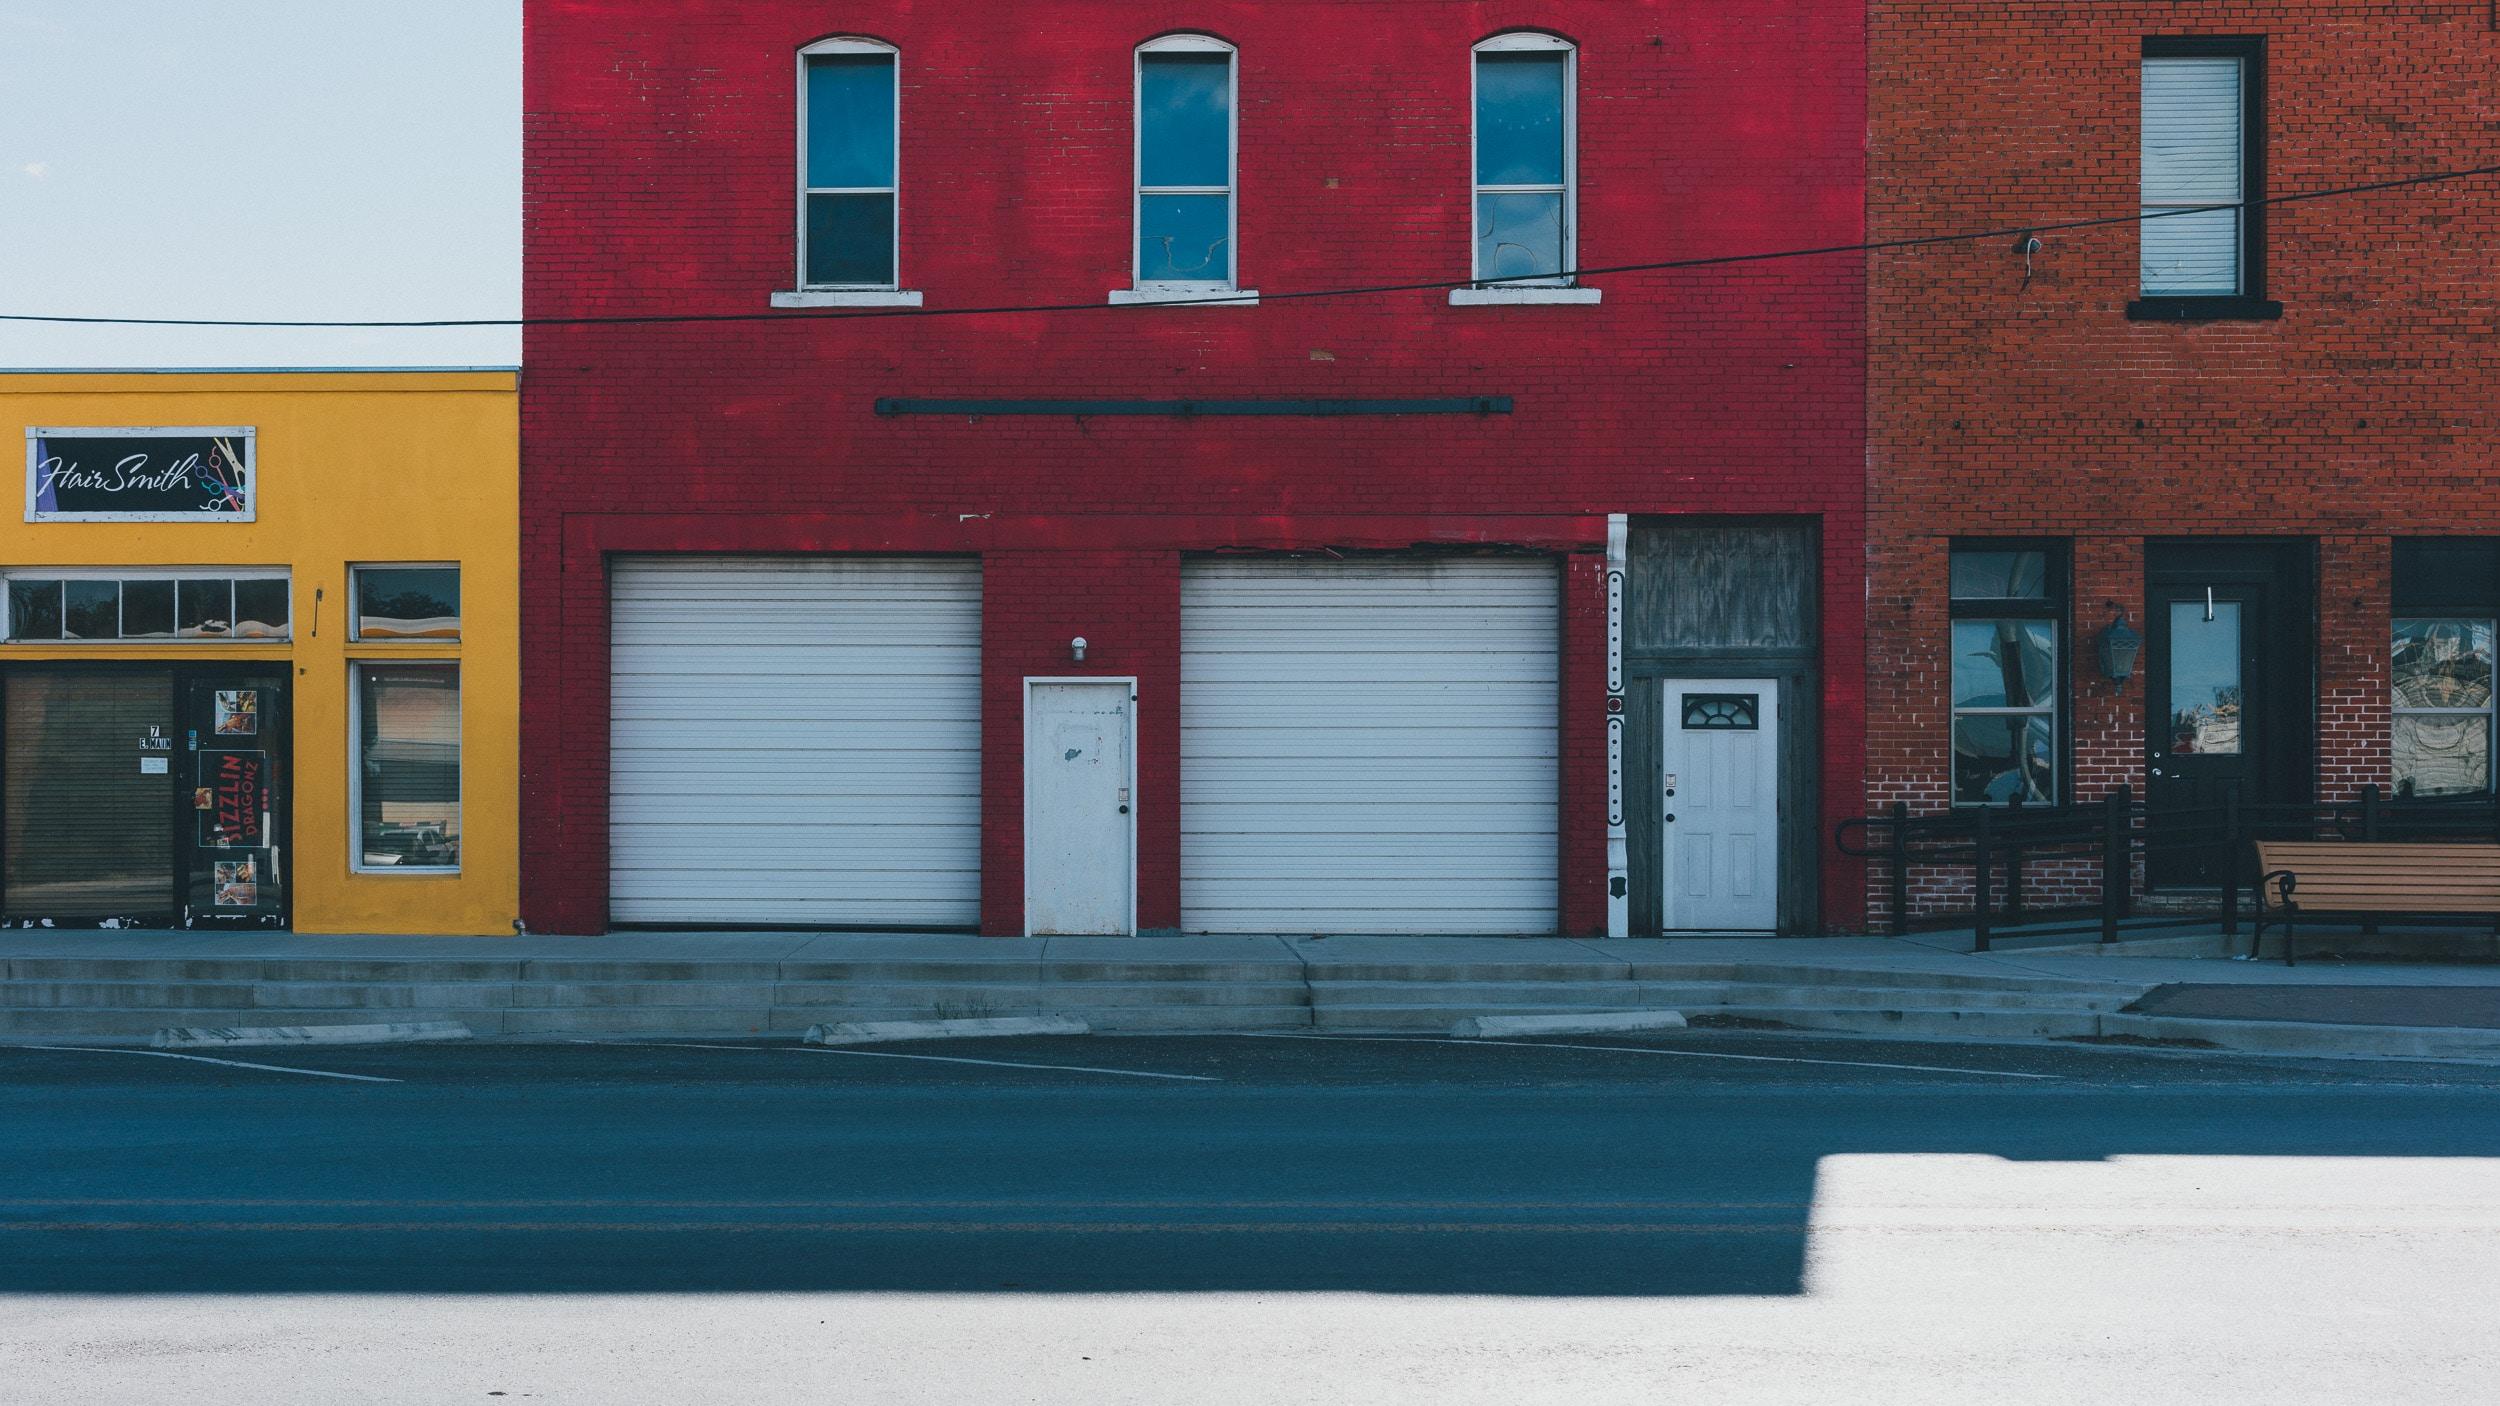 white garage doors closed during daytime